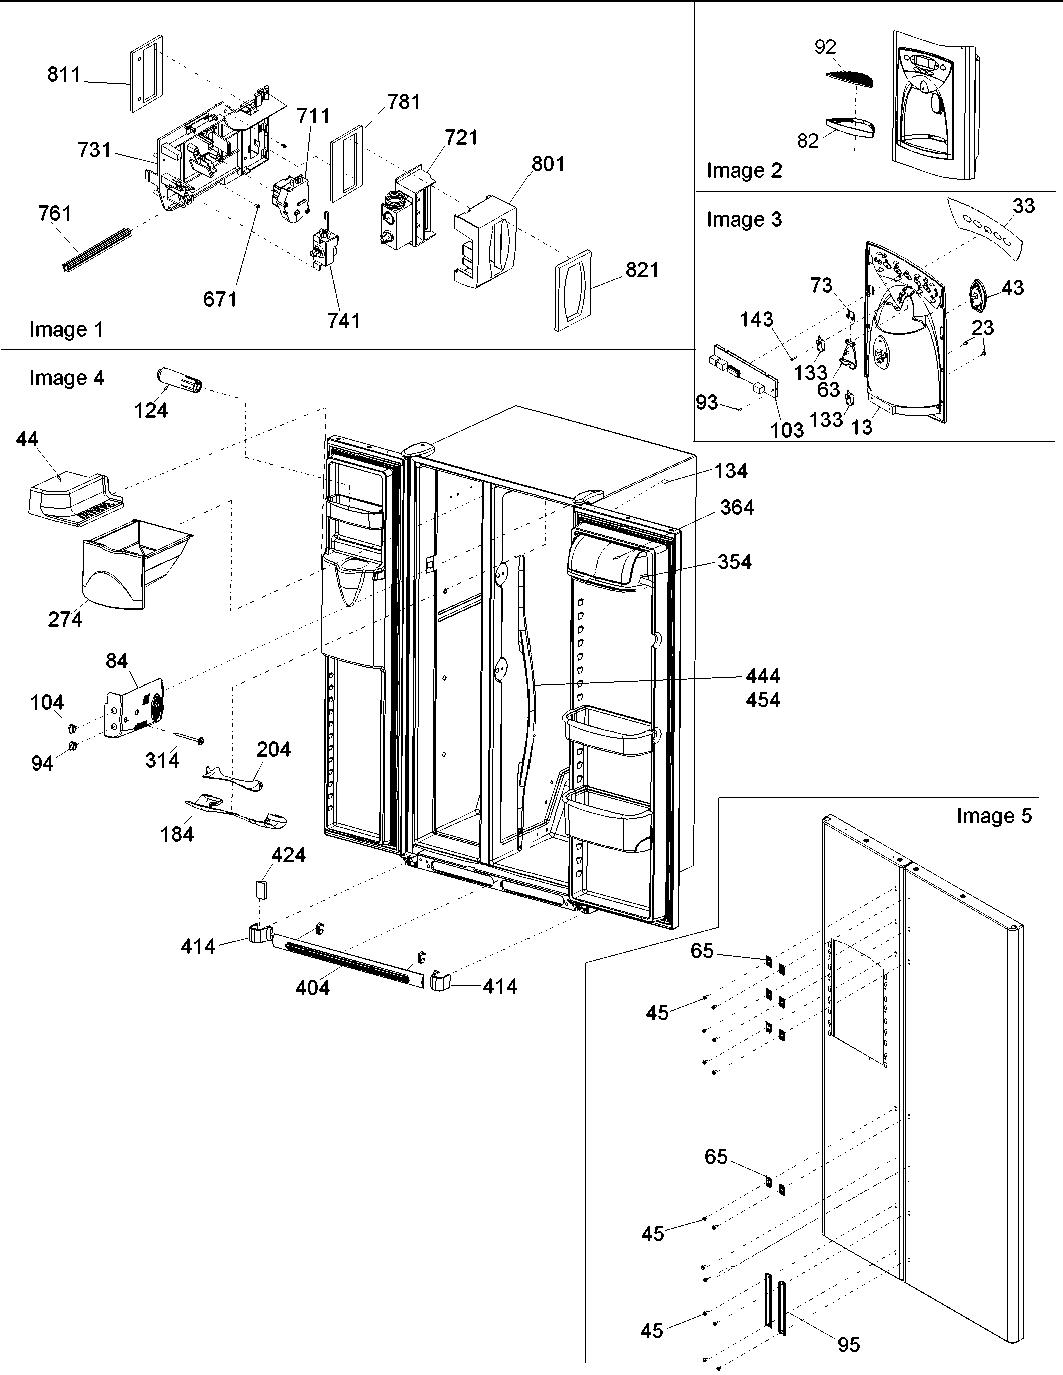 Refrigerator Schematic Diagram make mind map 1990 toyota